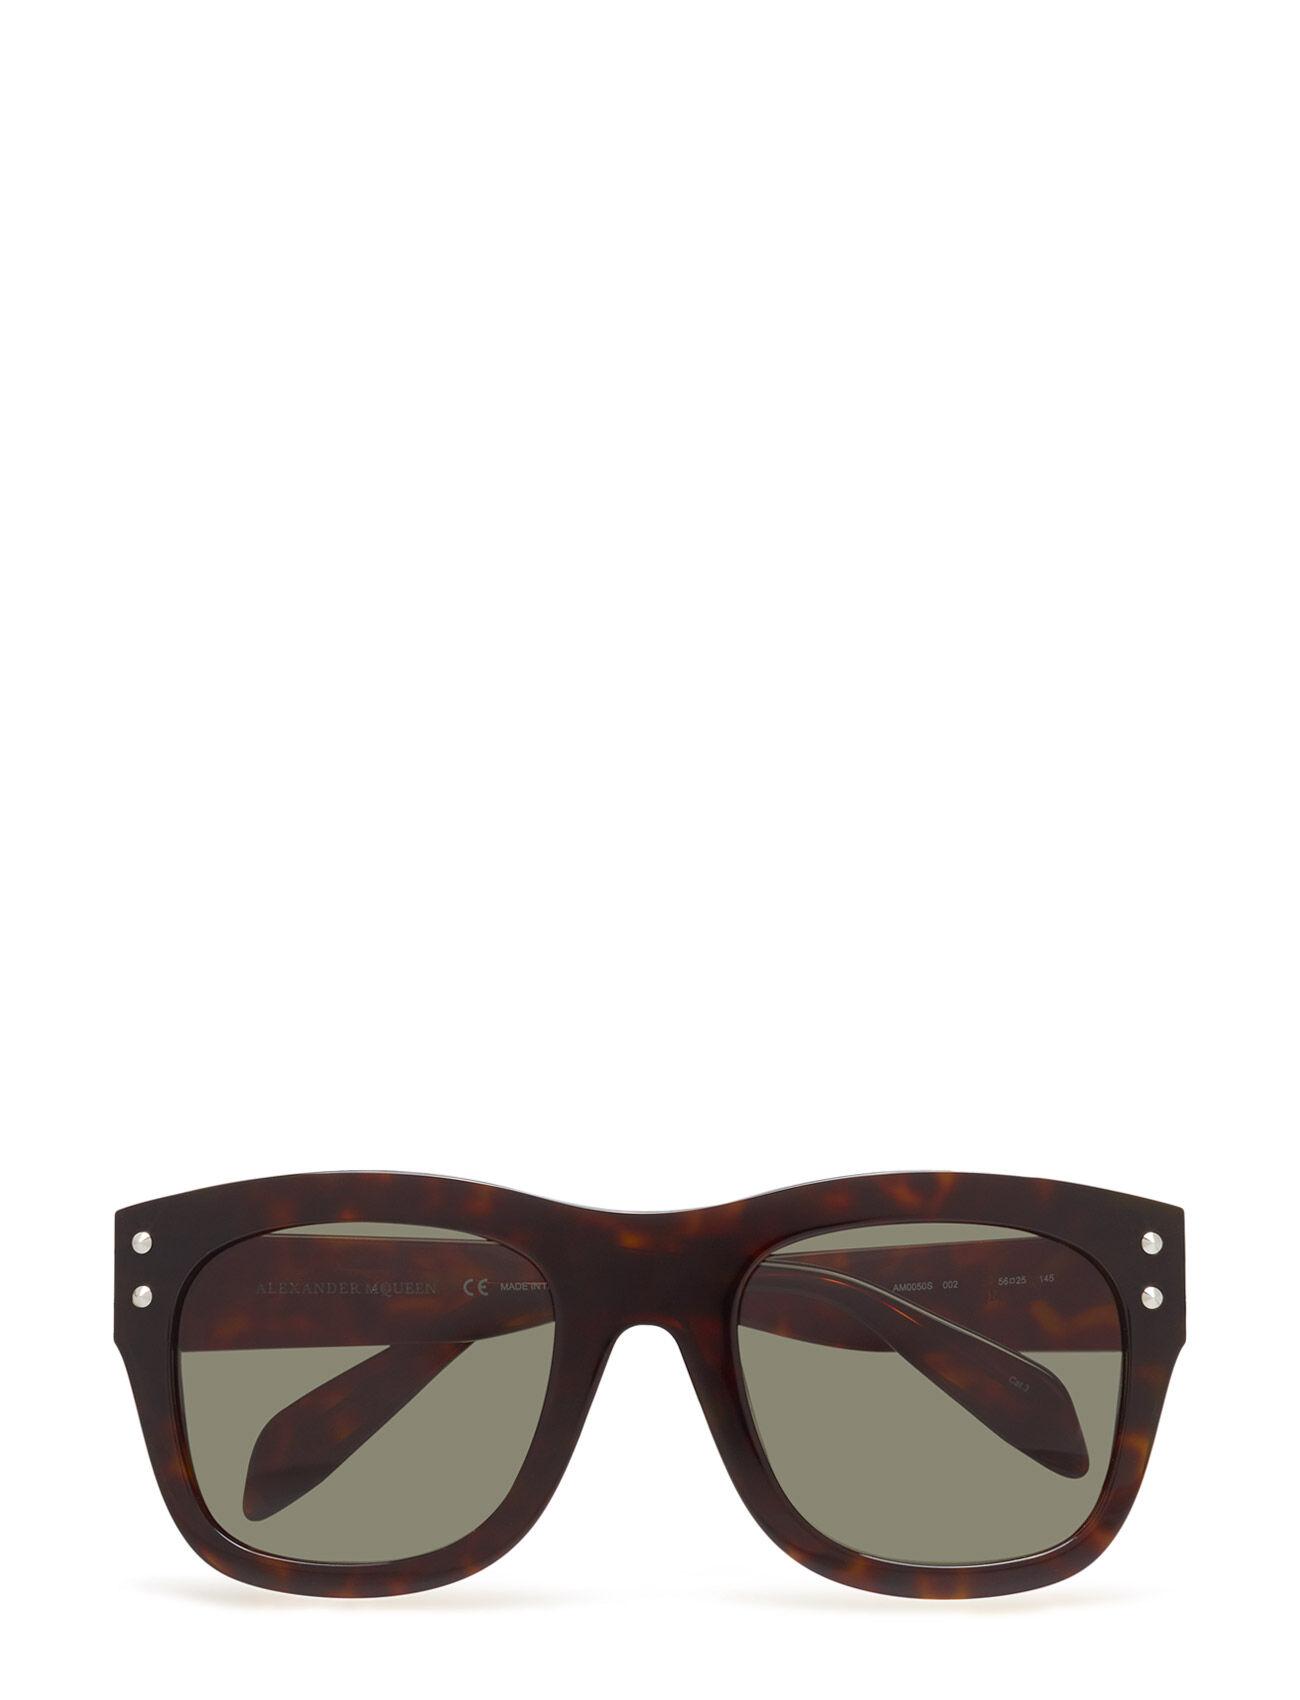 Alexander McQueen Eyewear Am0050s